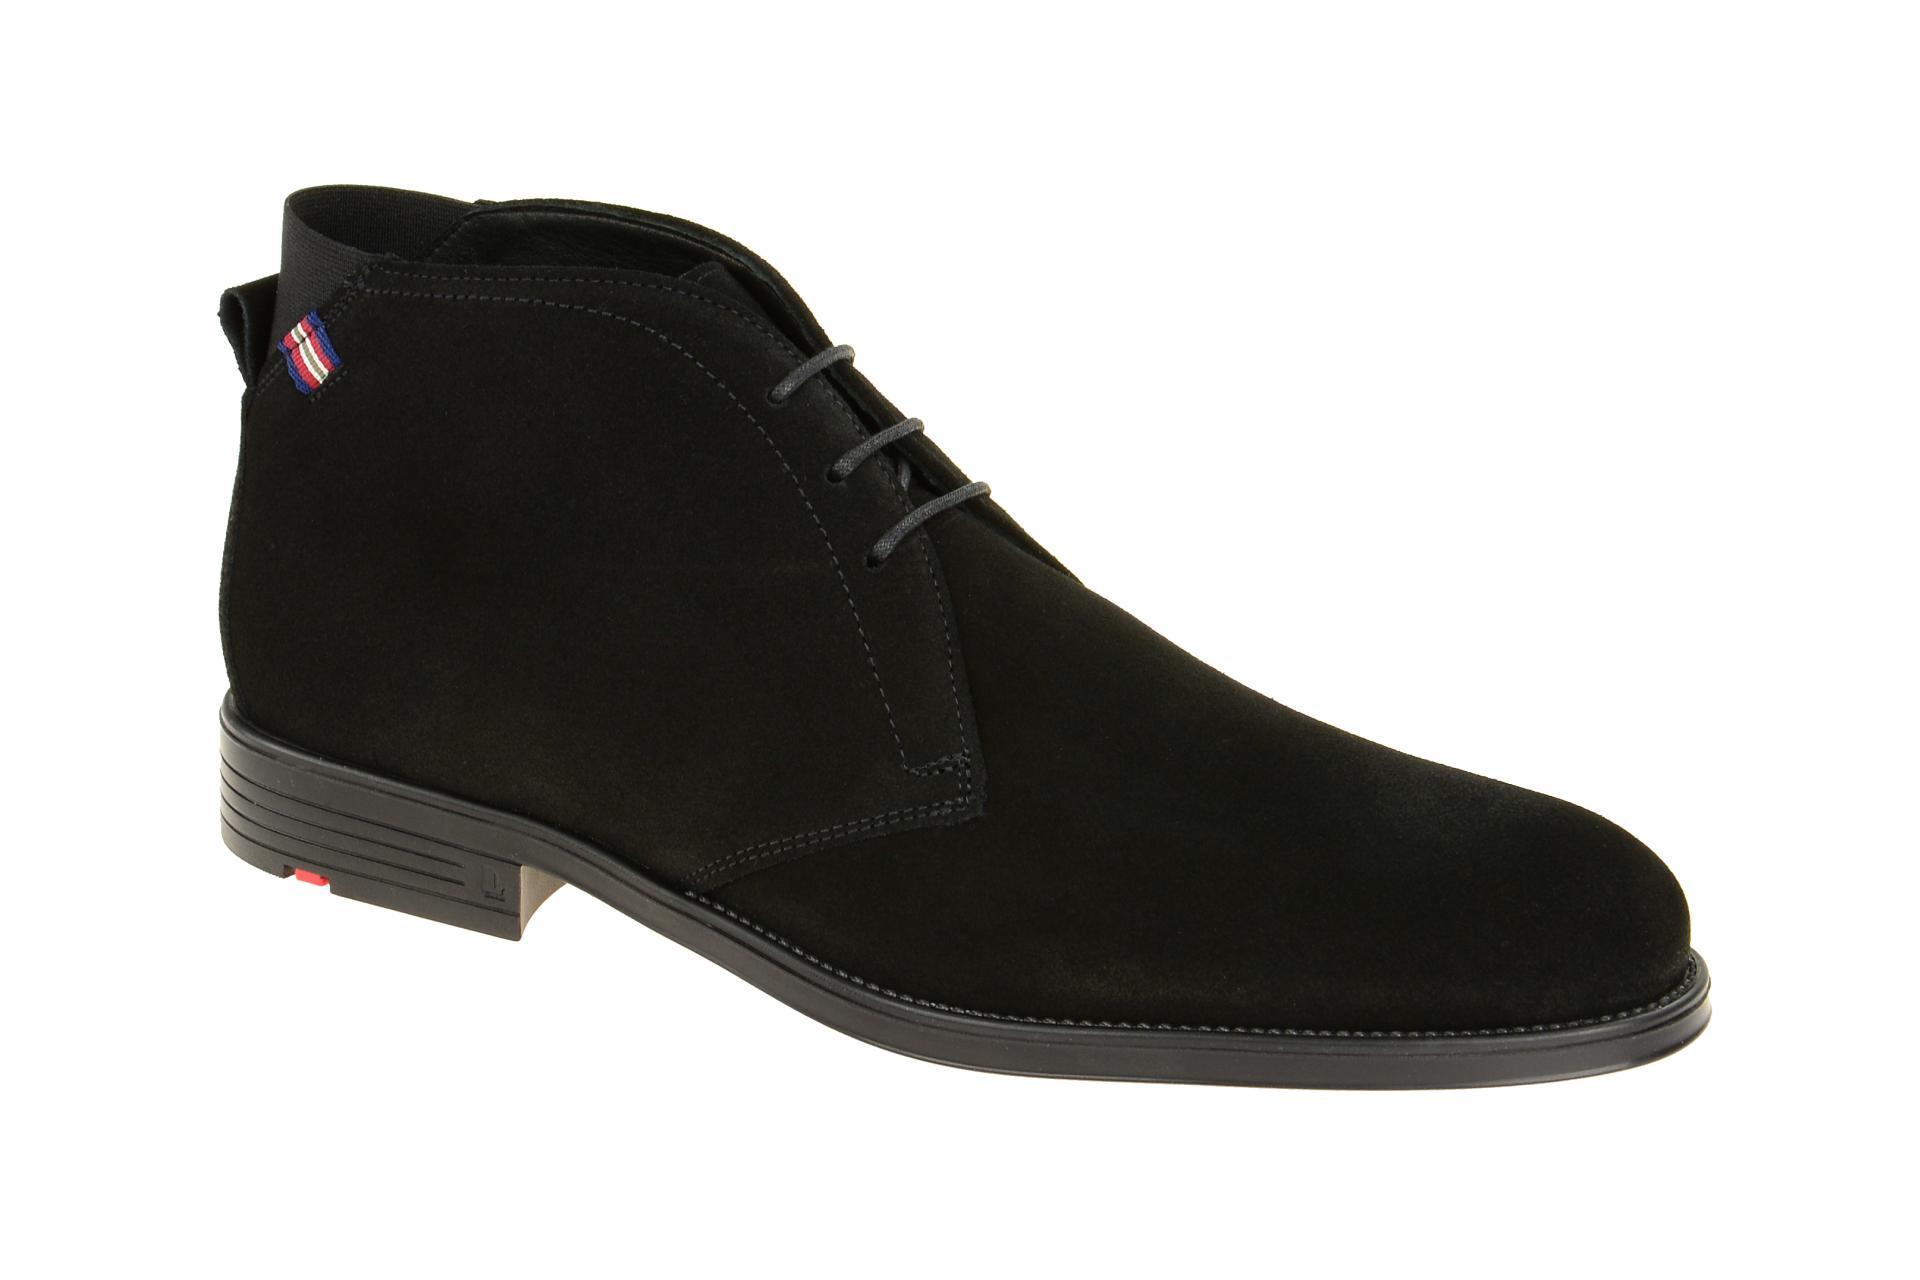 LLOYD Schuhe PATRIOT schwarz Herrenstiefelette elegante Stiefeletten  27-643-10 7742c3b11e